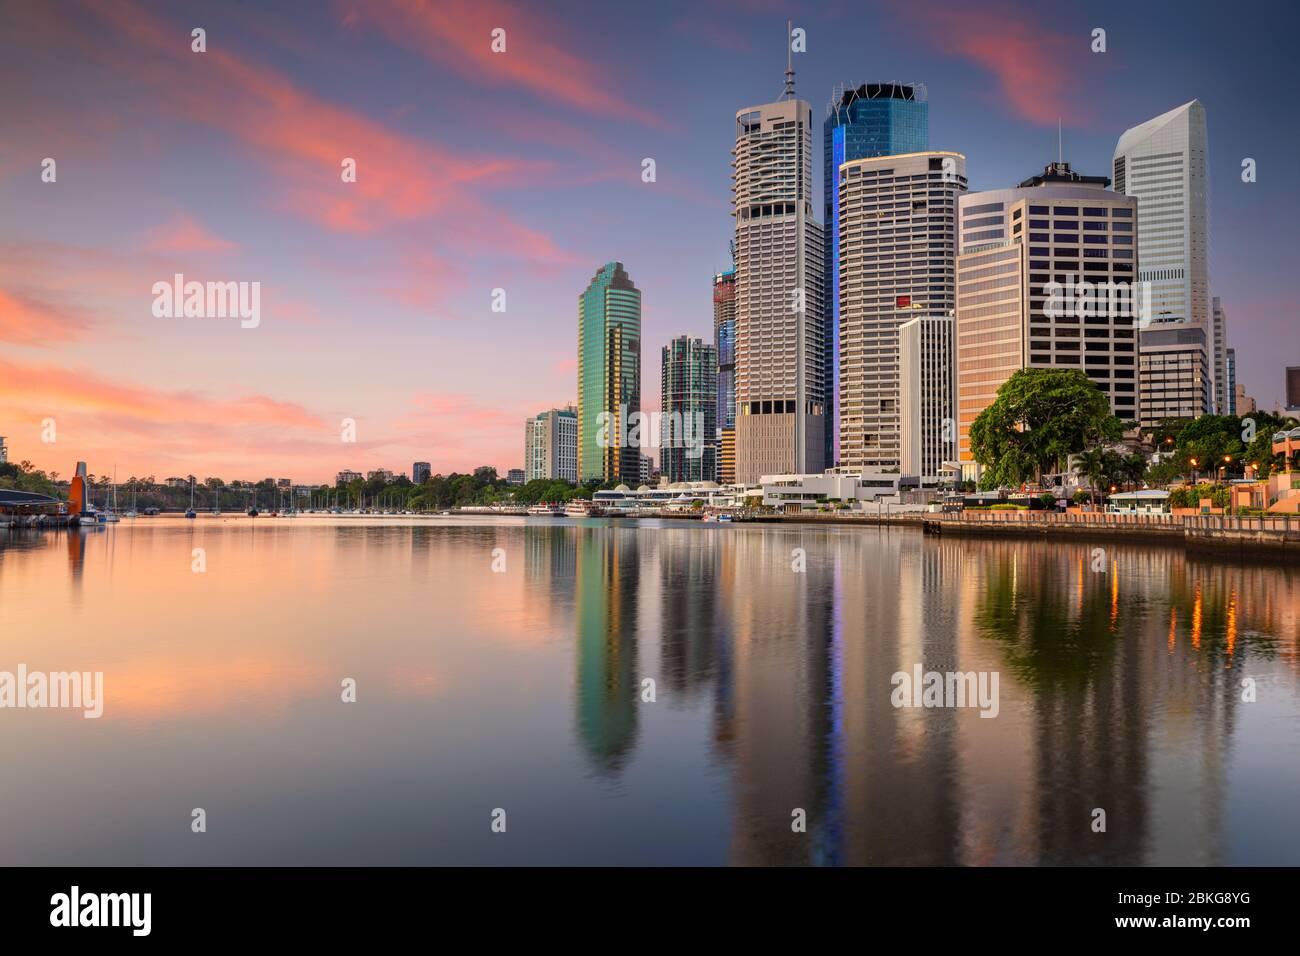 Brisbane. Image de paysage urbain de Brisbane au lever du soleil en Australie. Banque D'Images